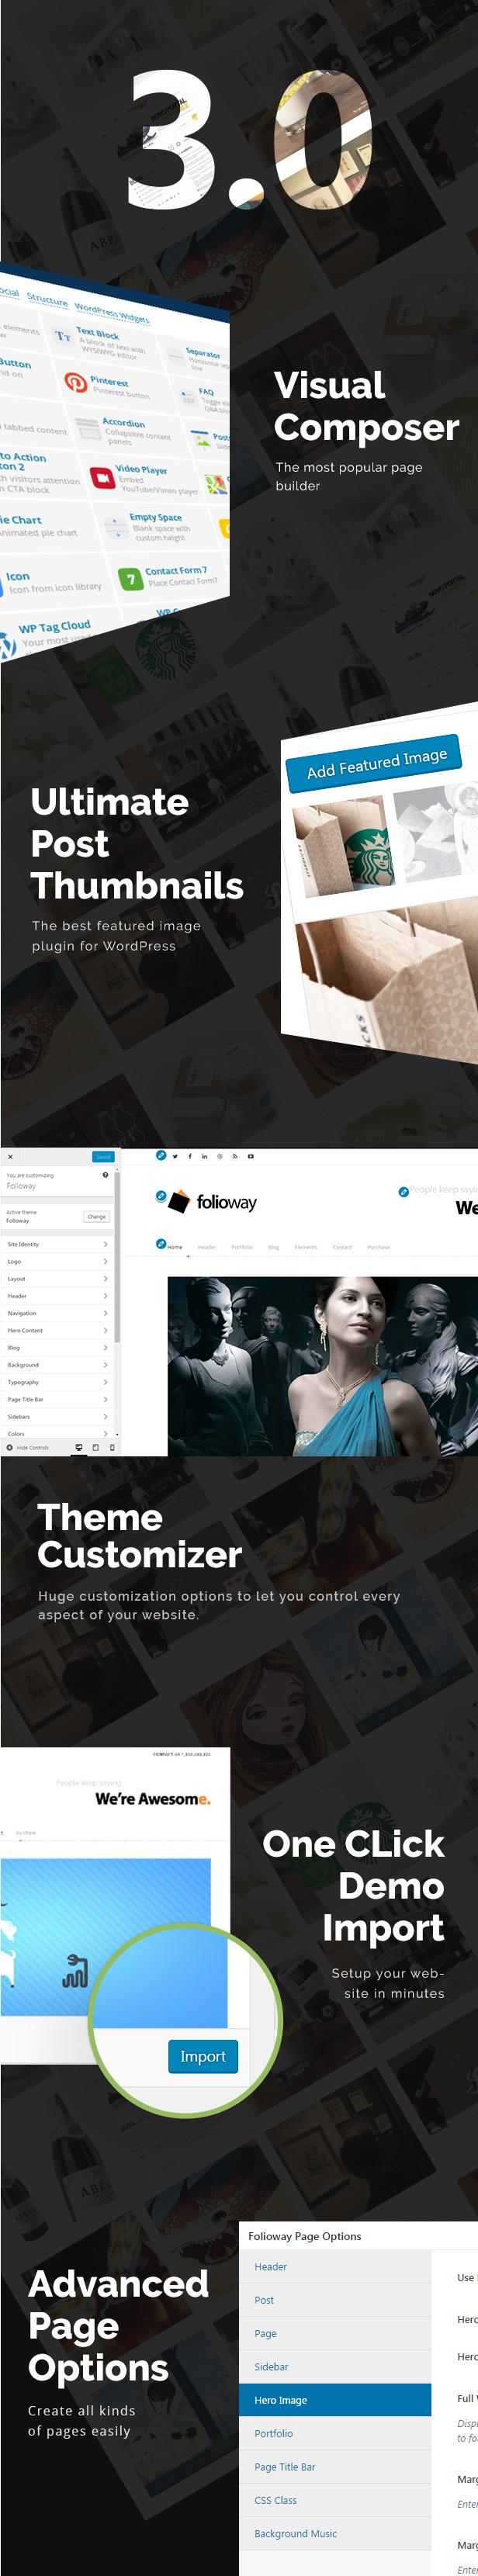 Folioway - Premium Portfolio WordPress Theme - 1